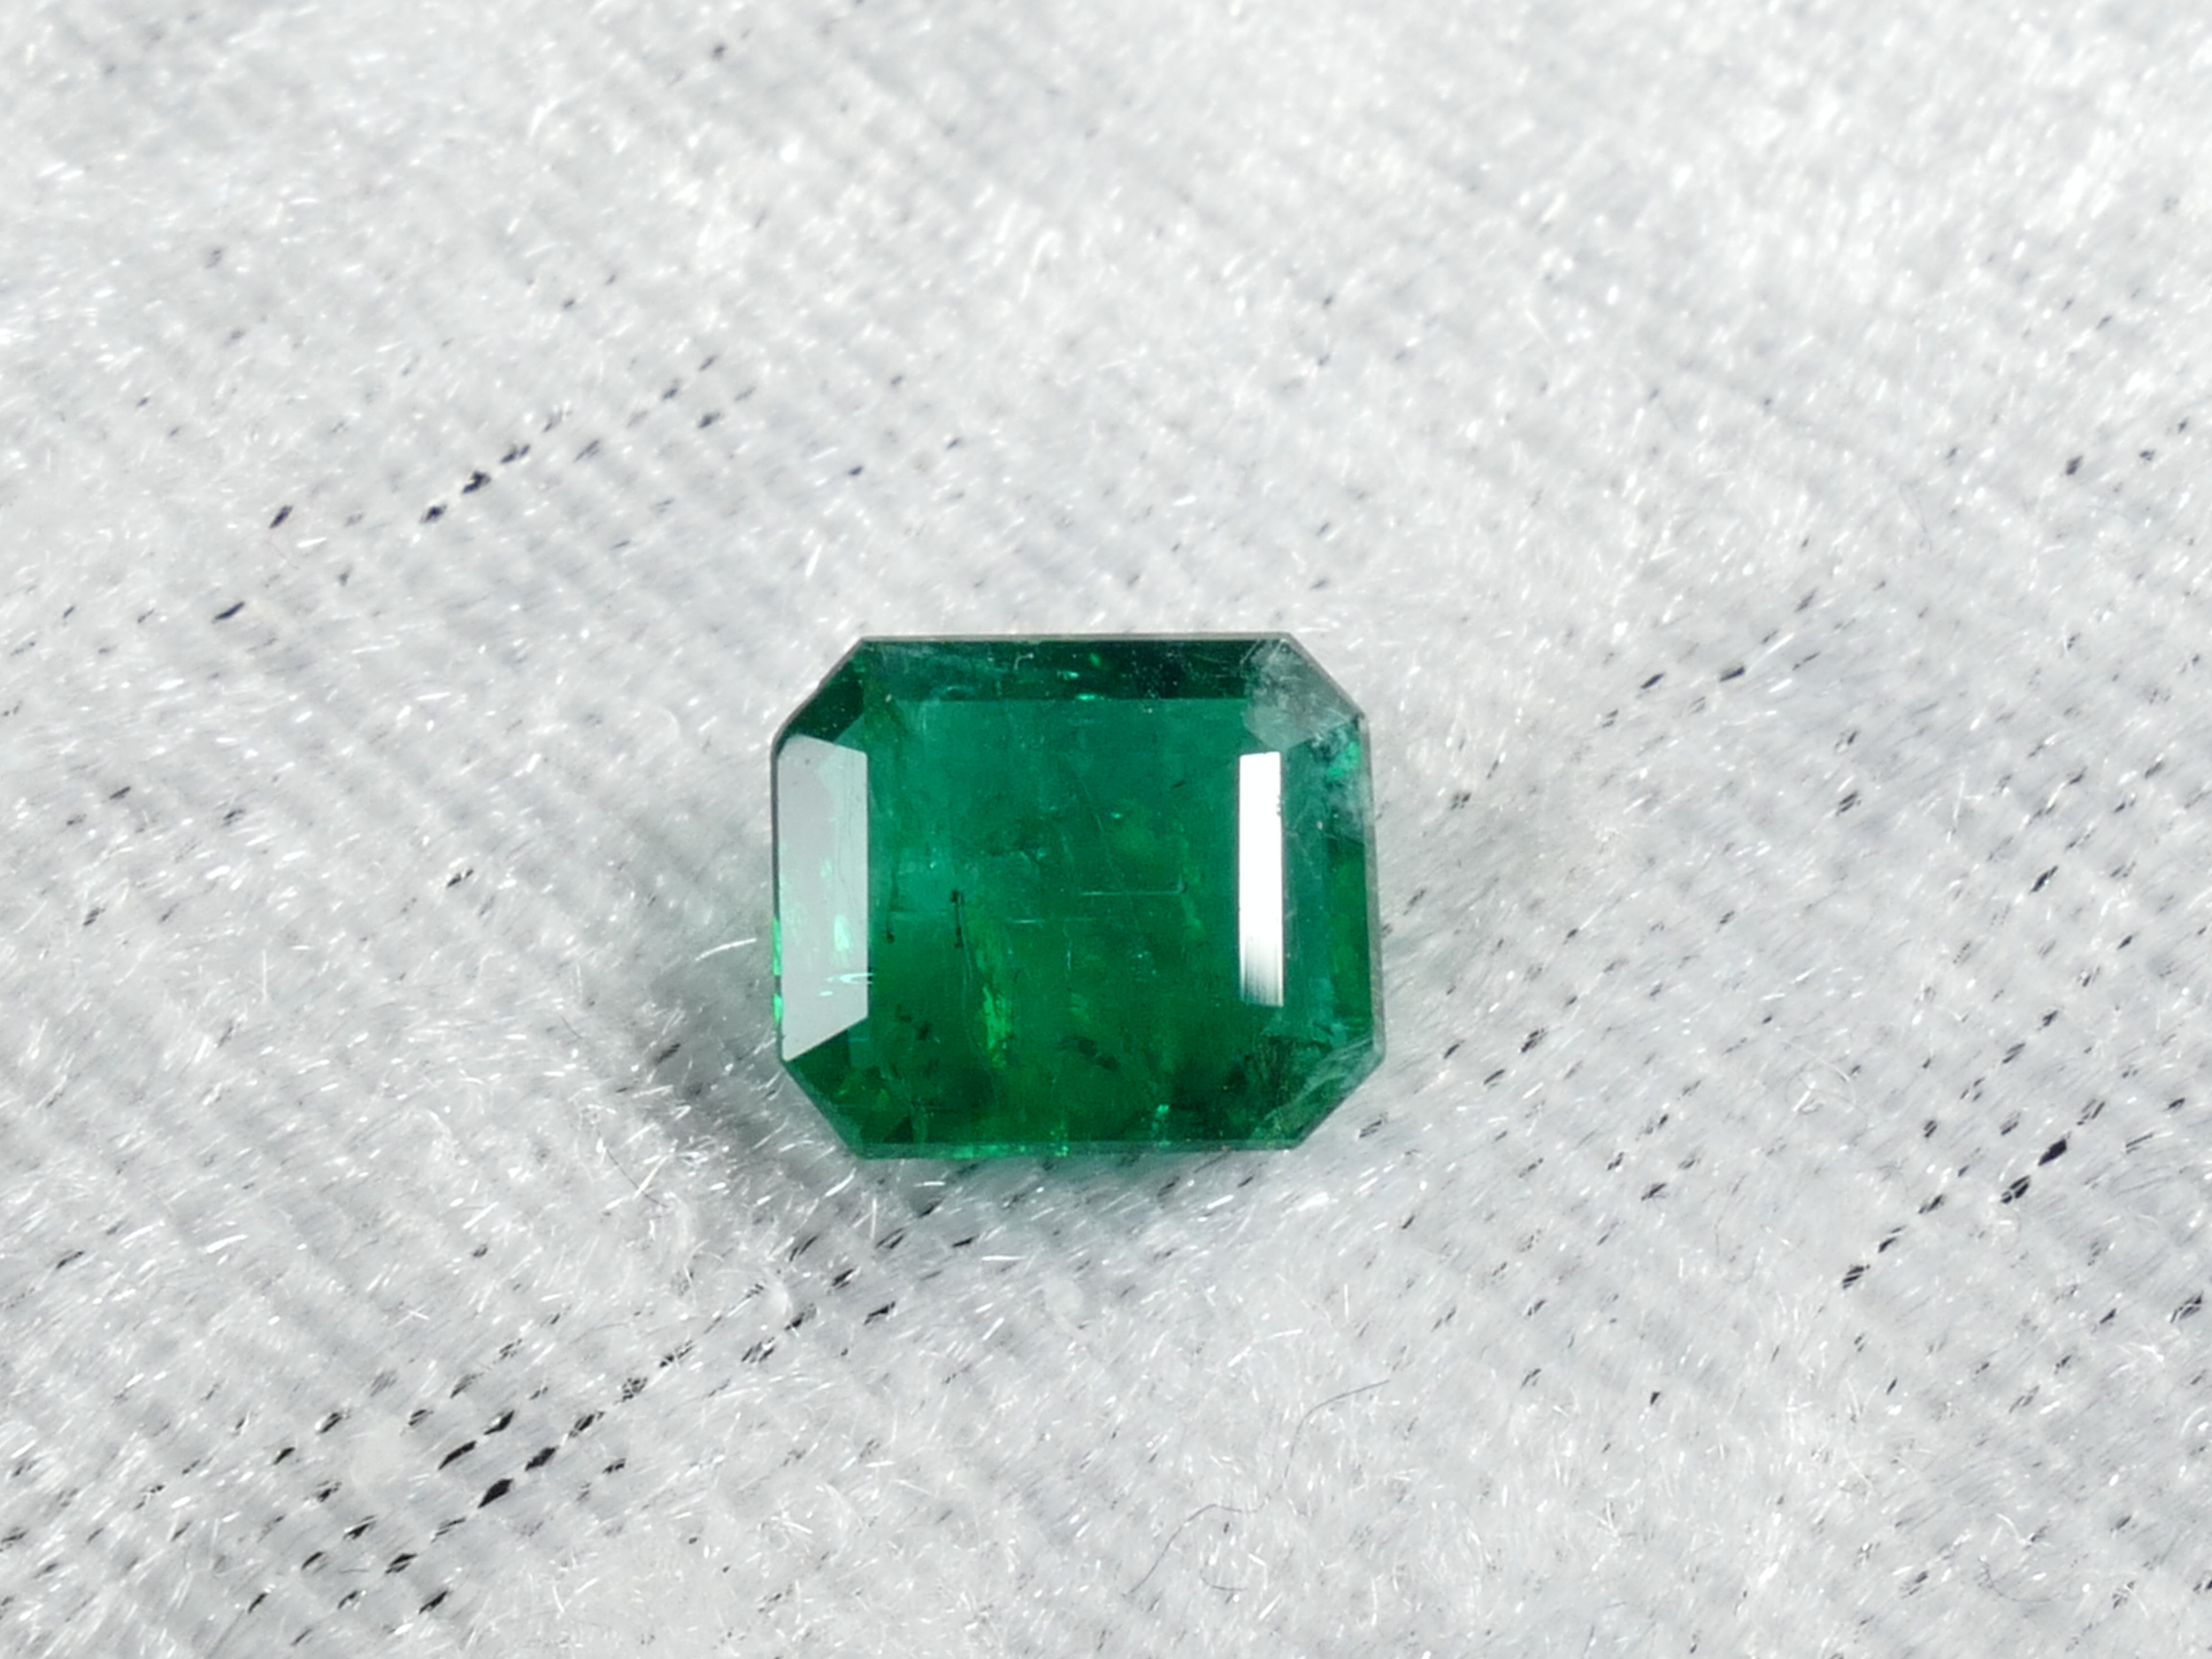 7.8x6.8mm Emeraude naturelle taillée émeraude 1.5ct de Zambie vert très intense certifiée (#PM68)